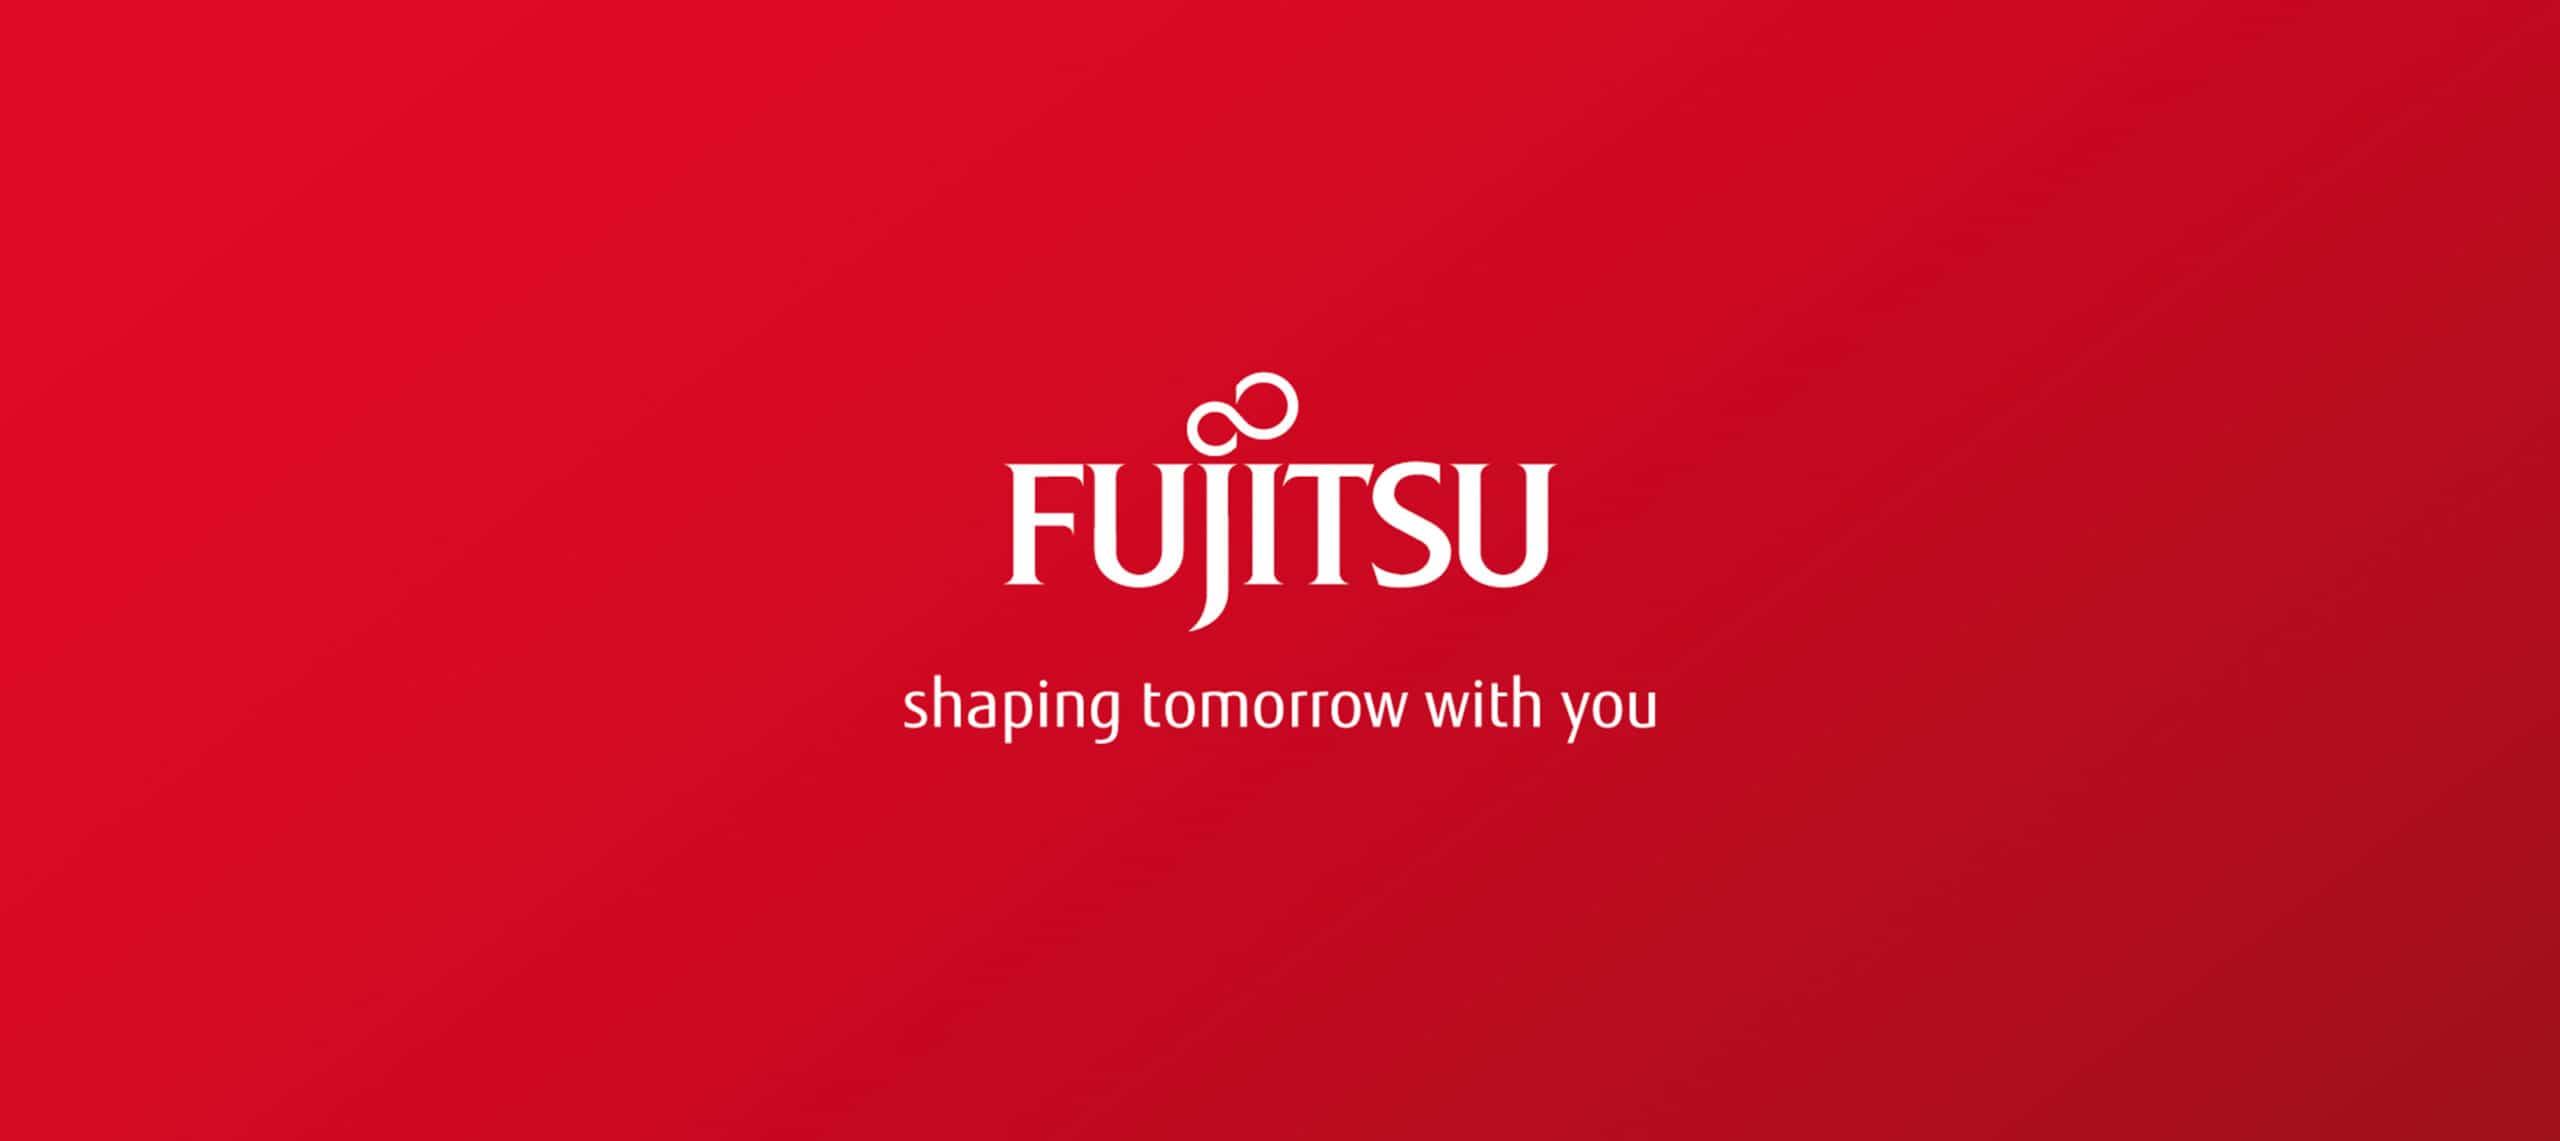 Fujitsu ha sido seleccionada para desarrollar capacidades de investigación de clase mundial en Portugal, con su superordenador PRIMEHPC FX700